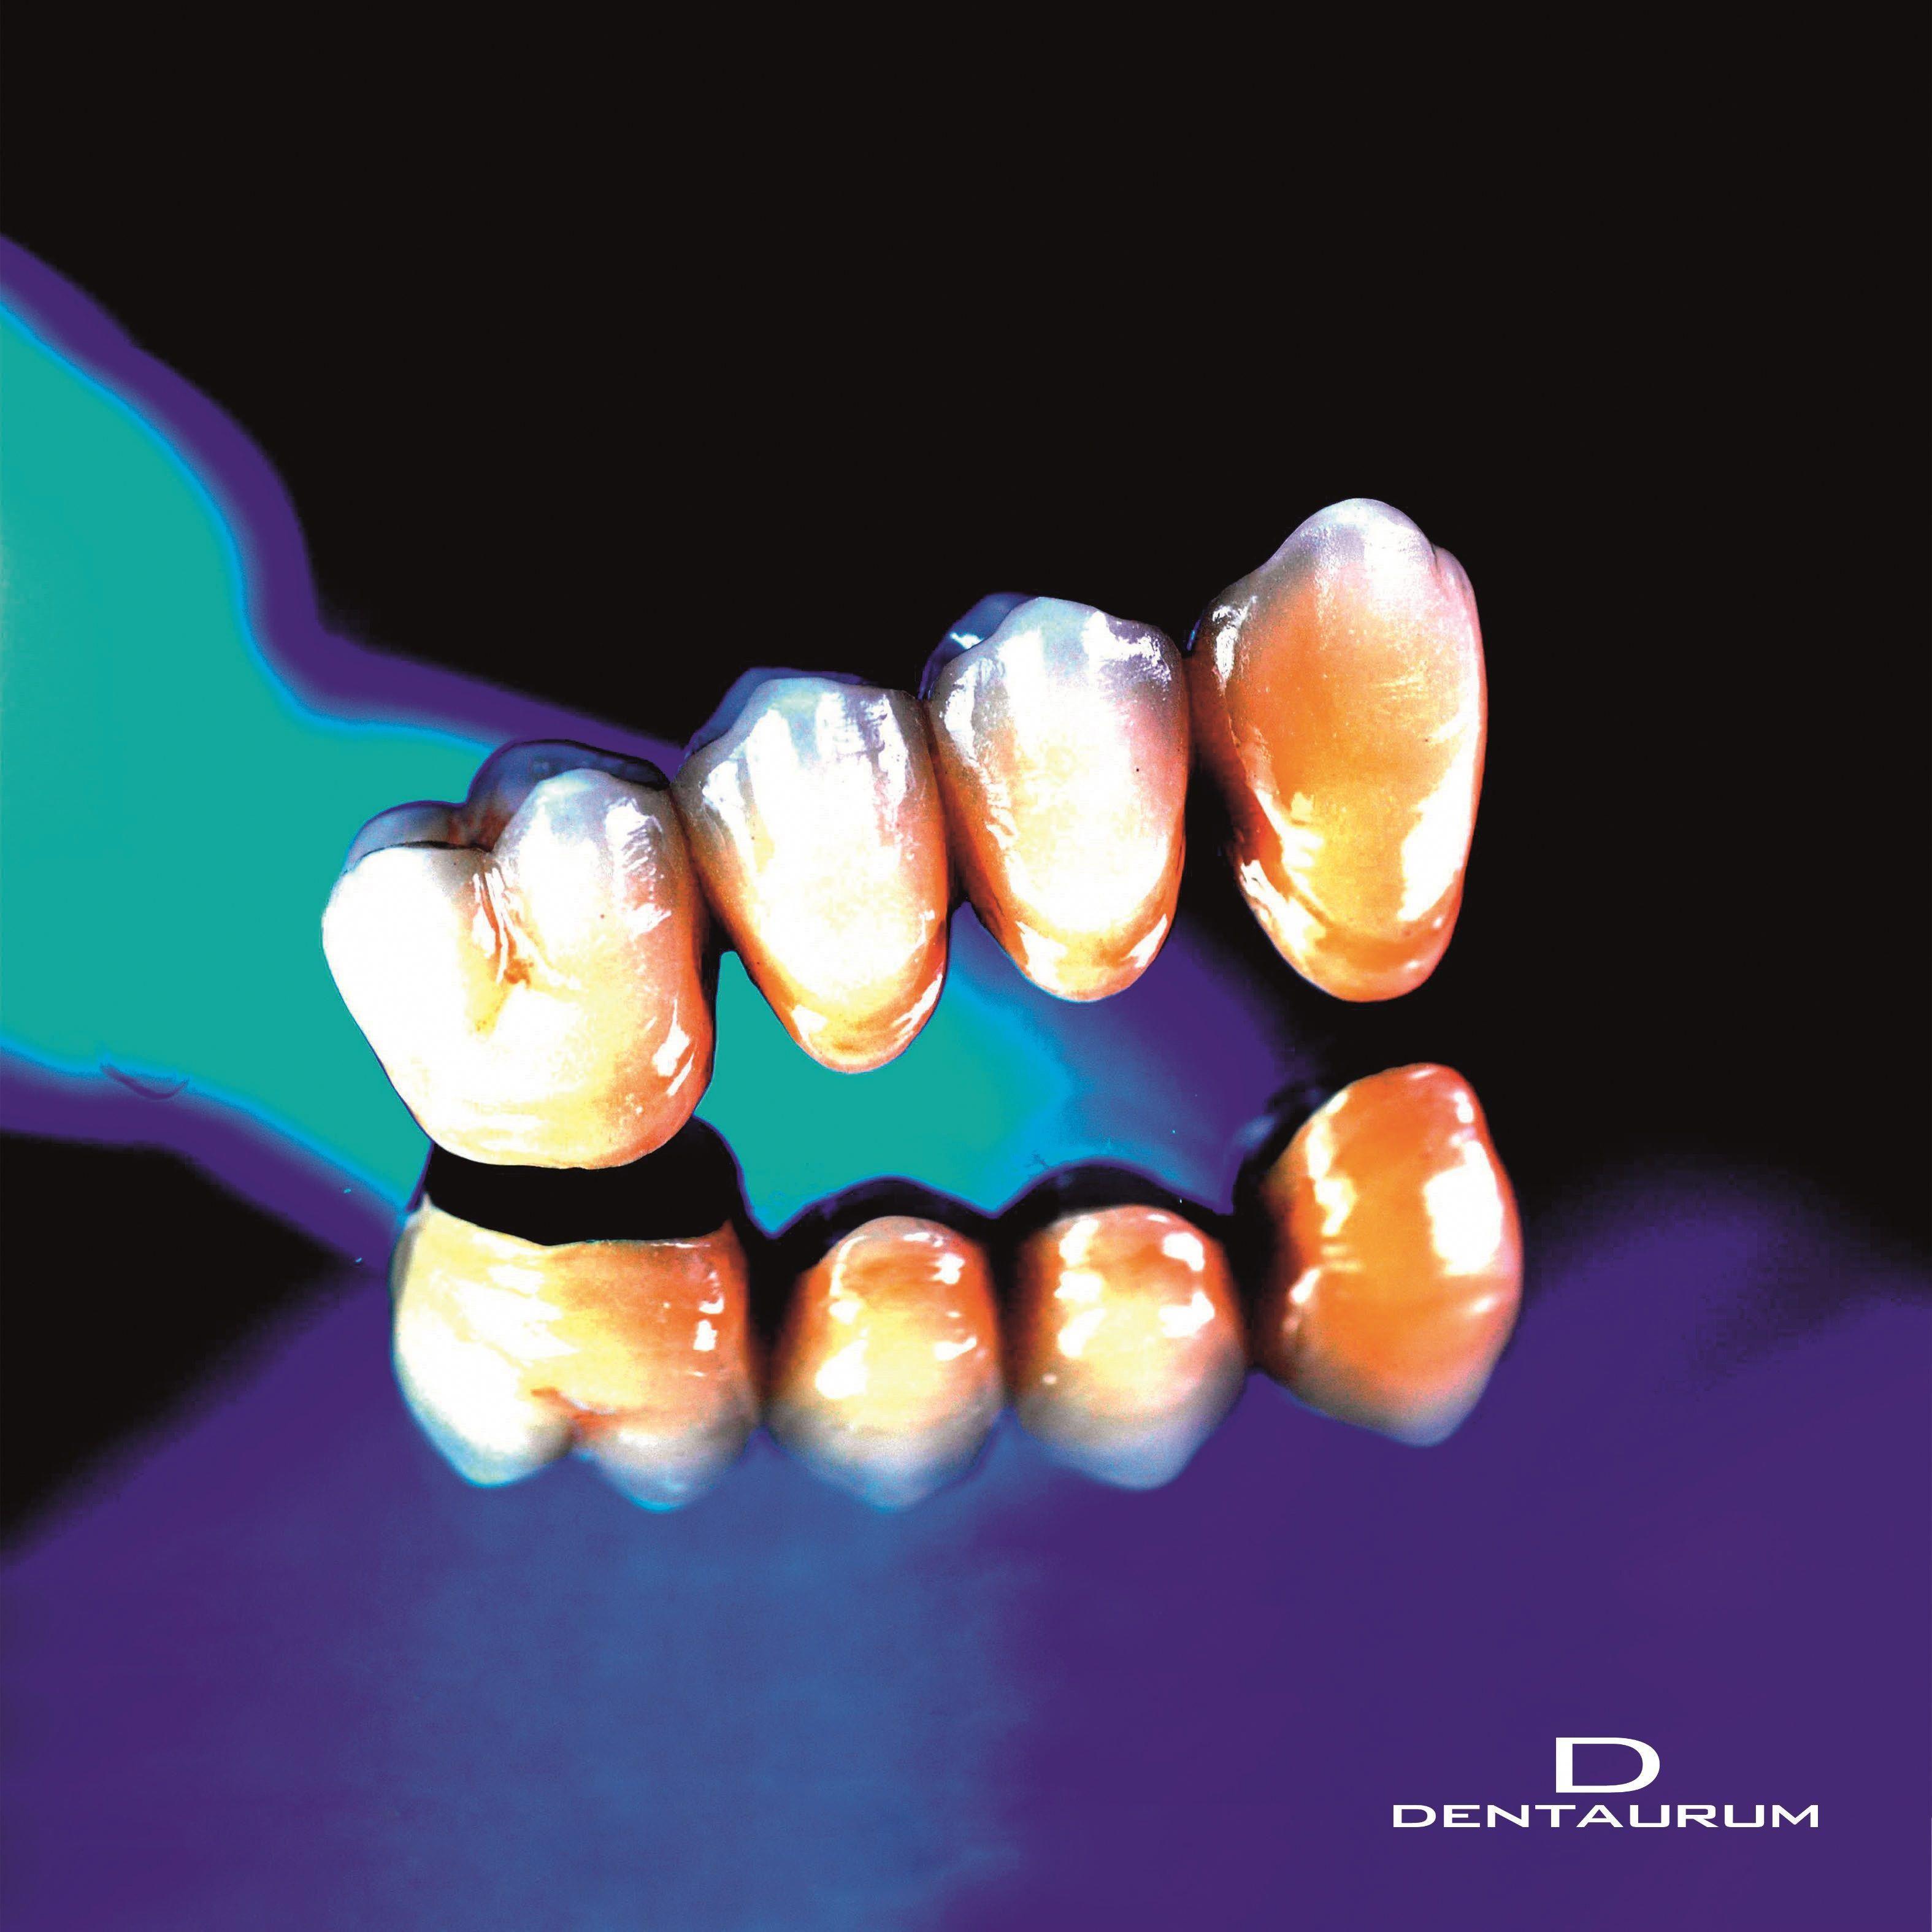 Materialistic dental bridge house oralhealthcaretips